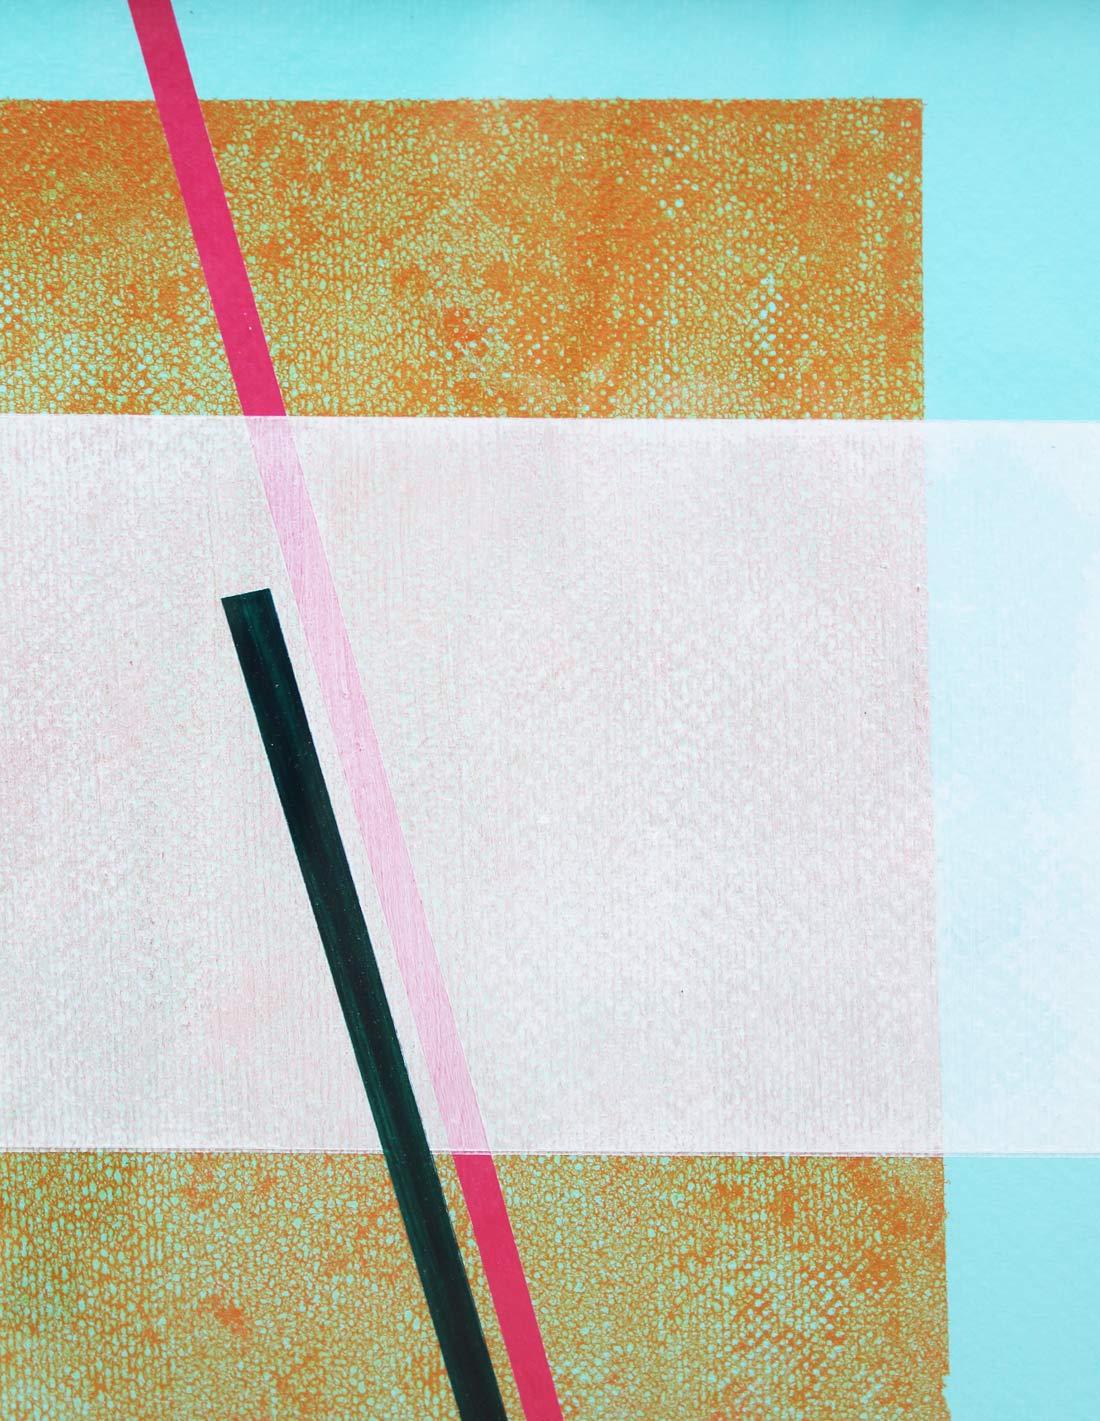 Sans Titre (fond turquoise, rectangle bleu et blanc, barre rose)-close-up